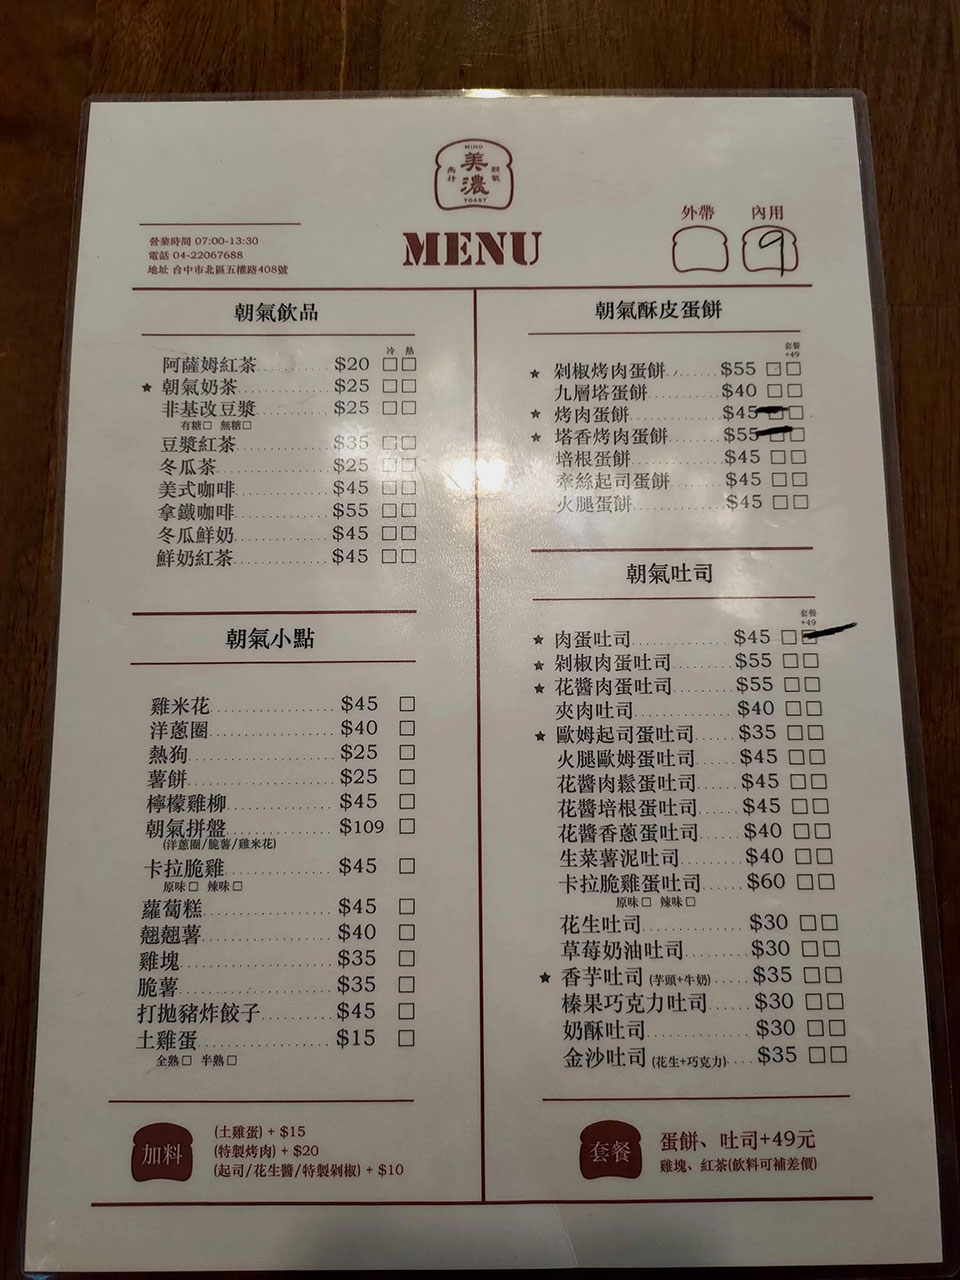 朝氣美濃商行菜單